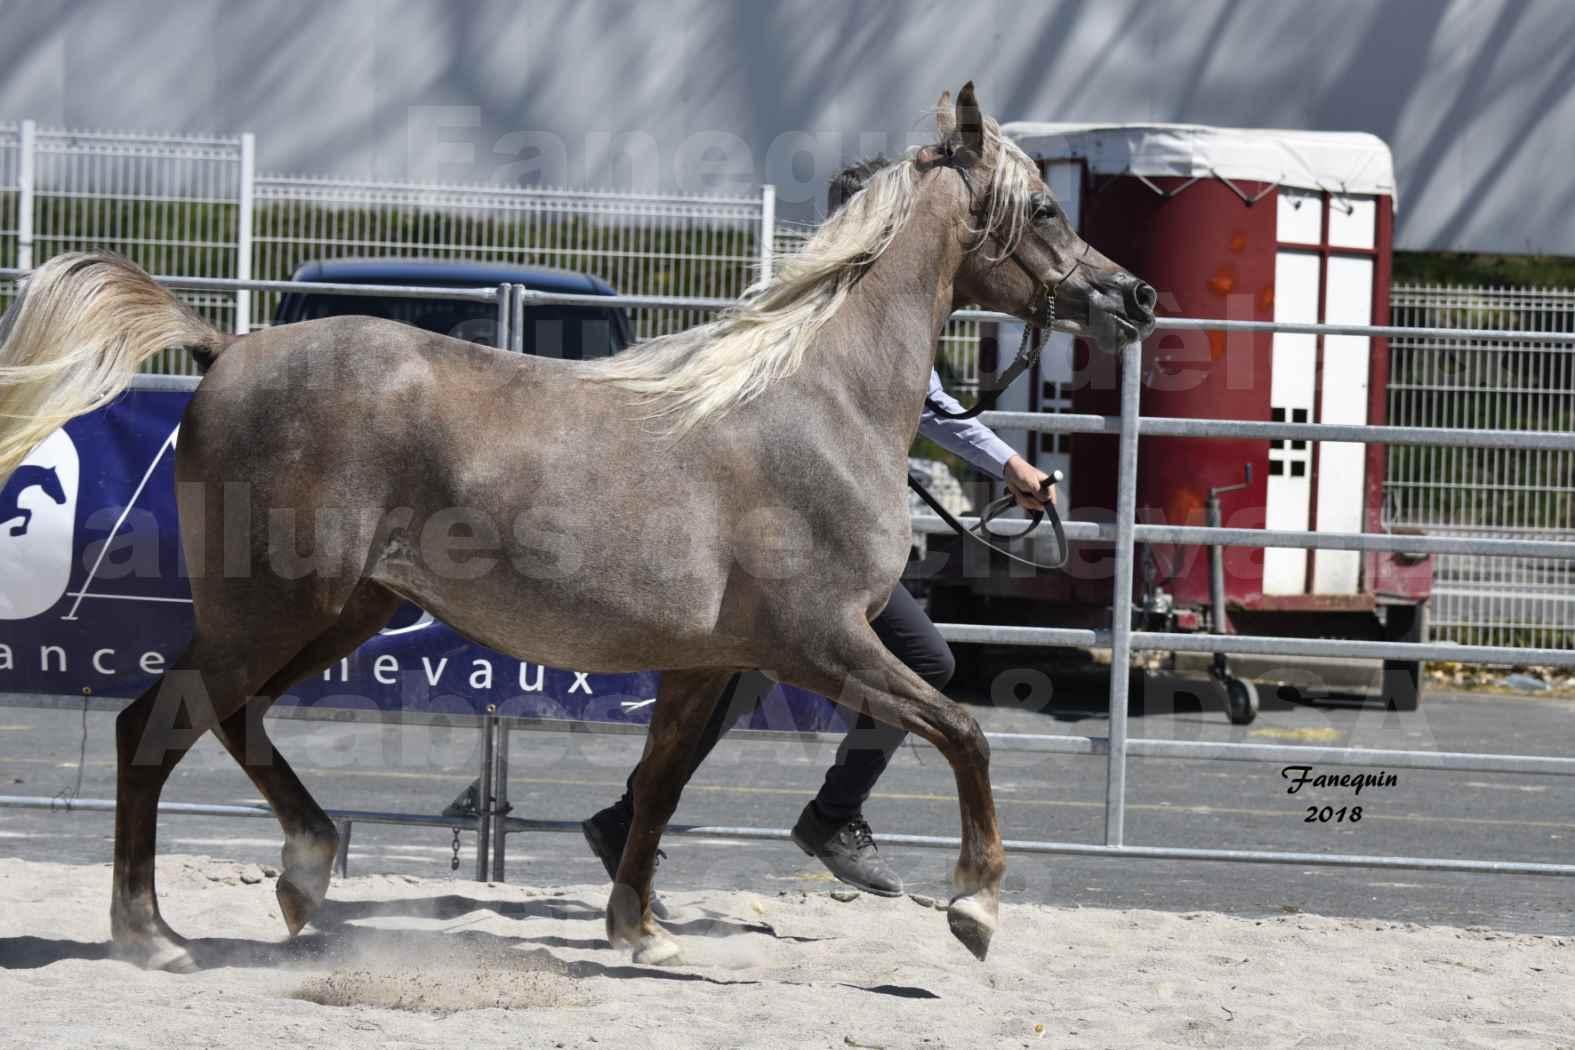 Concours d'élevage de Chevaux Arabes - Demi Sang Arabes - Anglo Arabes - ALBI les 6 & 7 Avril 2018 - DAENERYS DE LAFON - Notre Sélection - 03